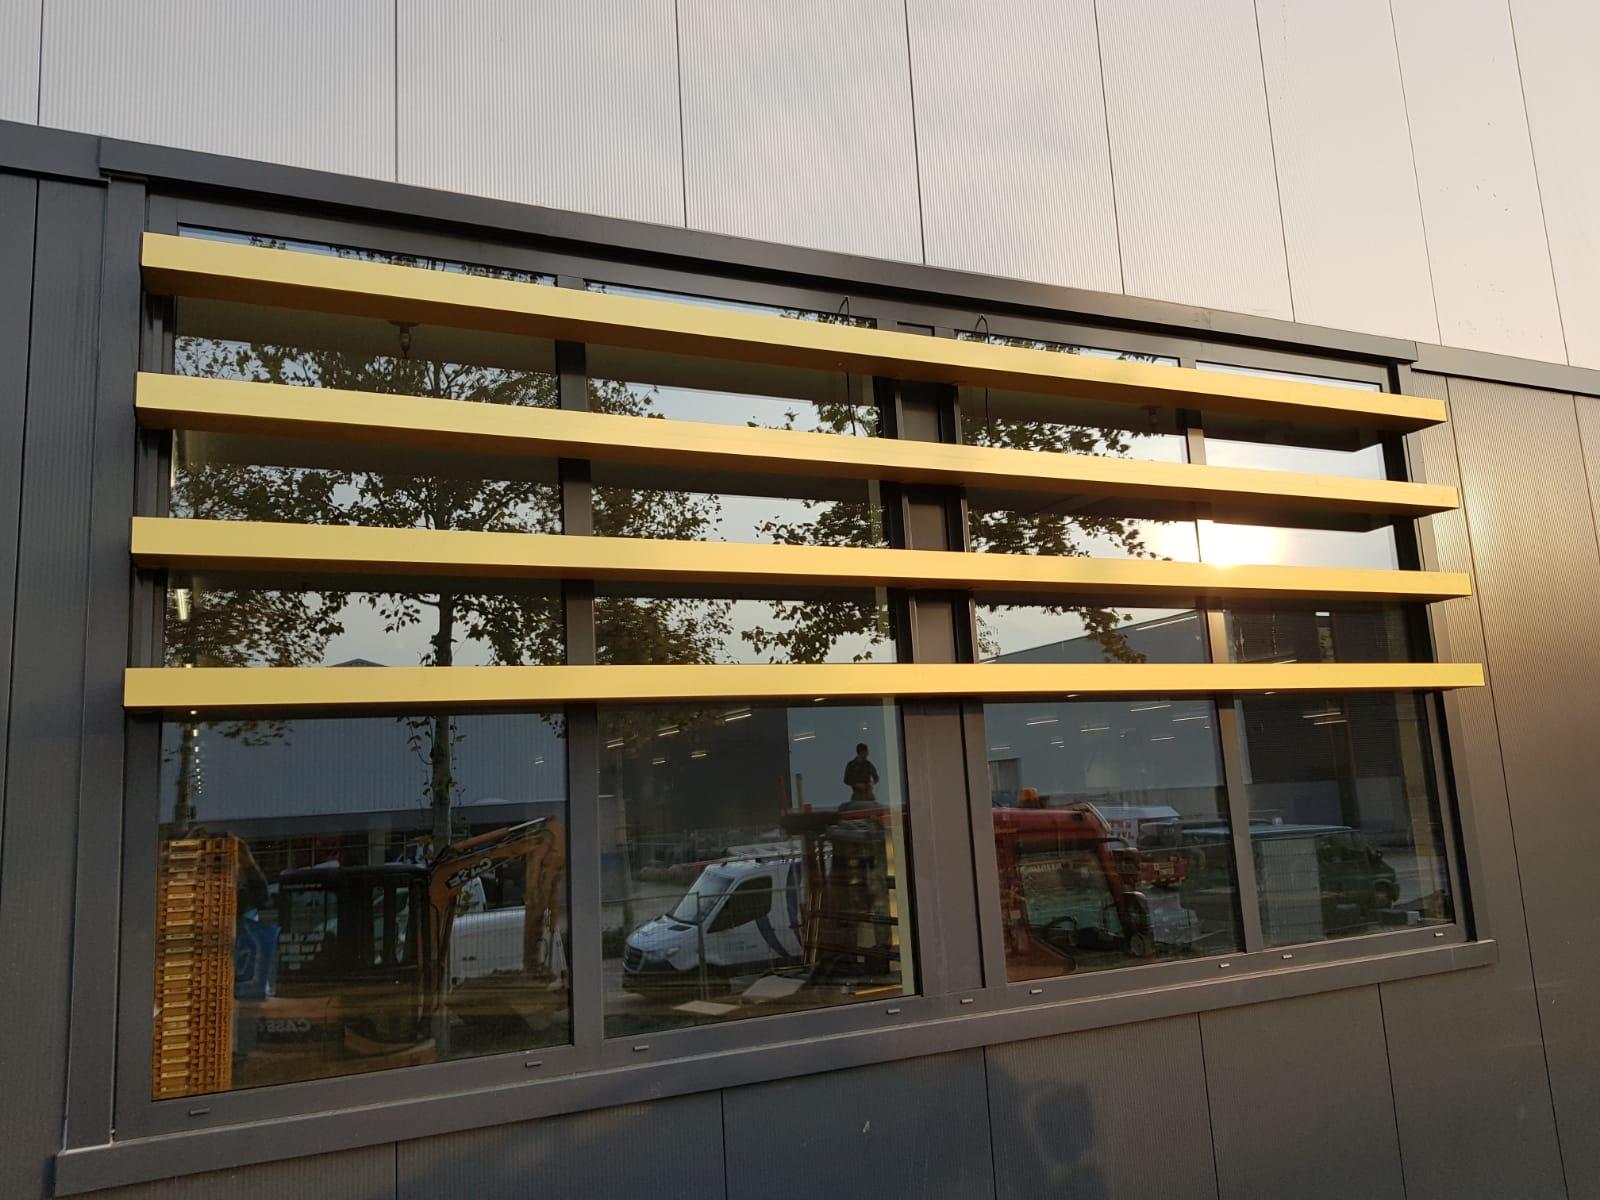 Nieuwbouwproject Bacu